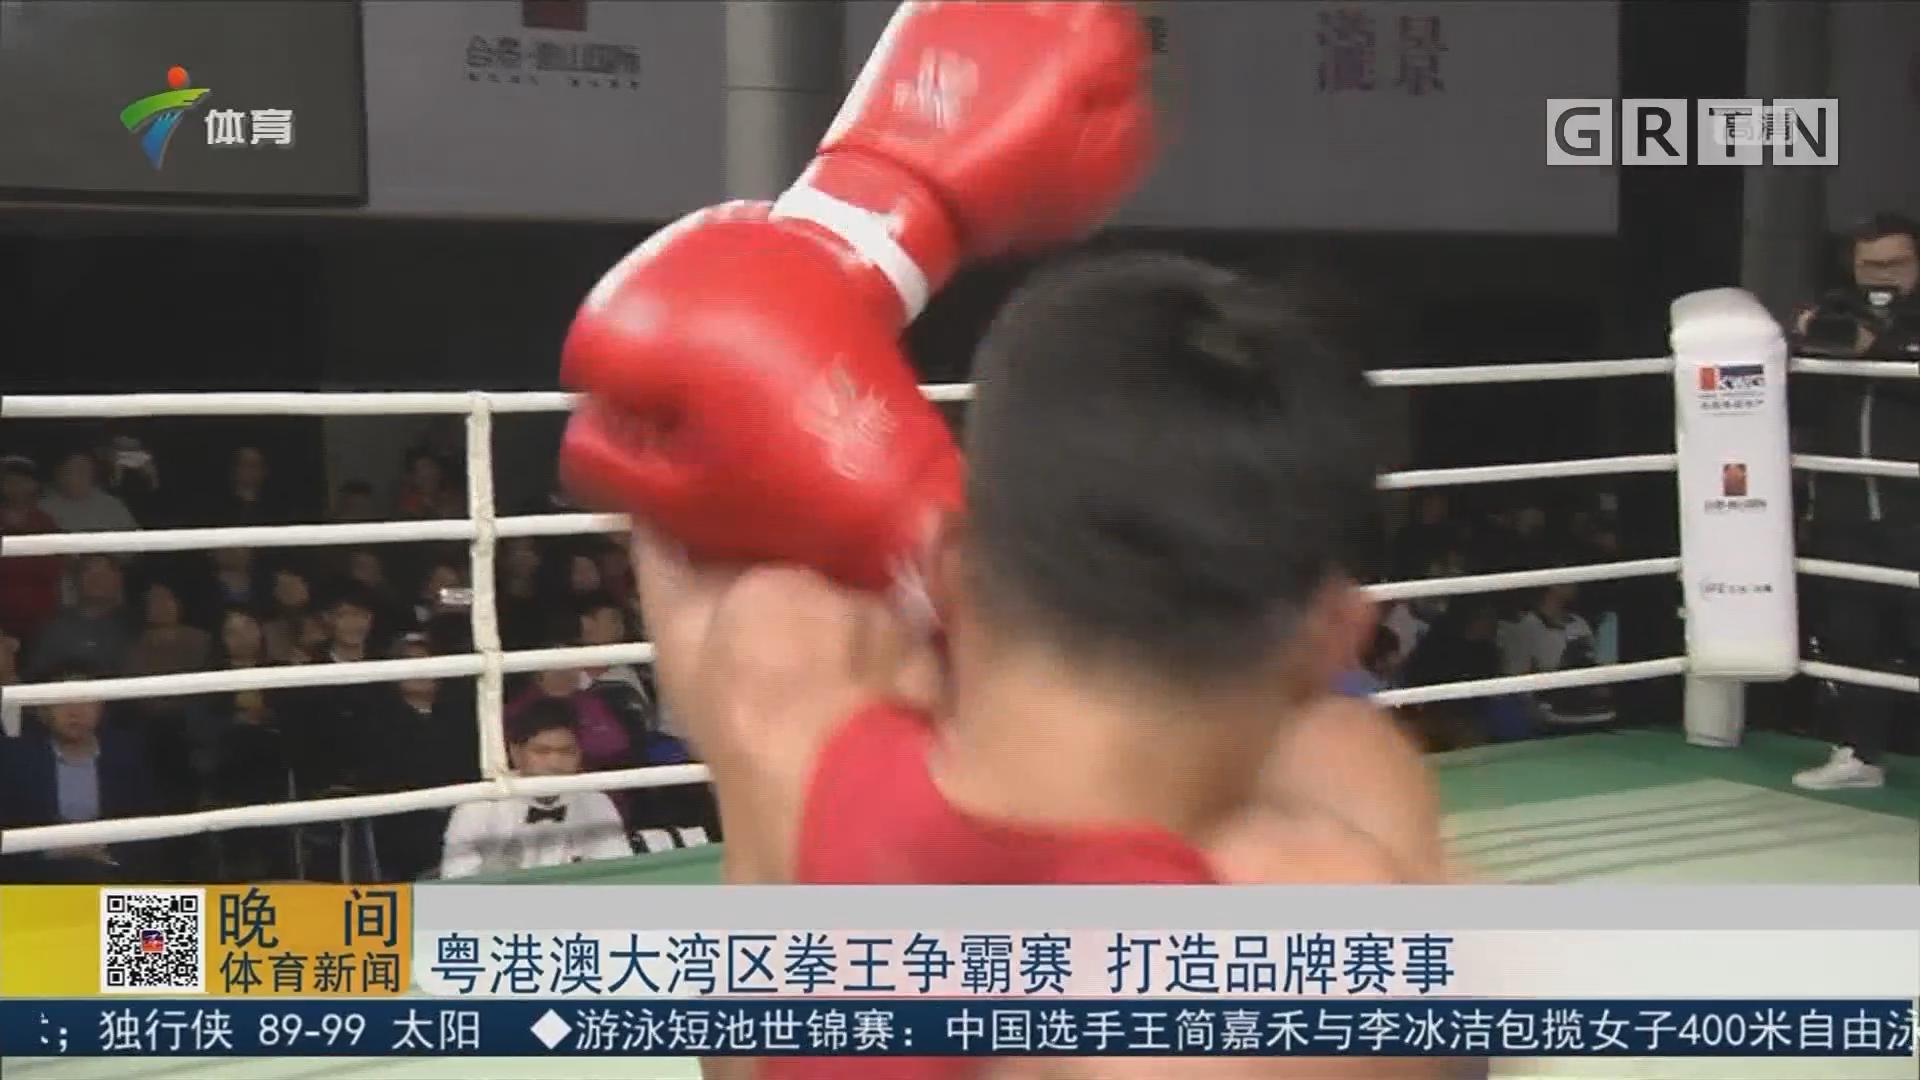 粤港澳大湾区拳王争霸赛 打造品牌赛事